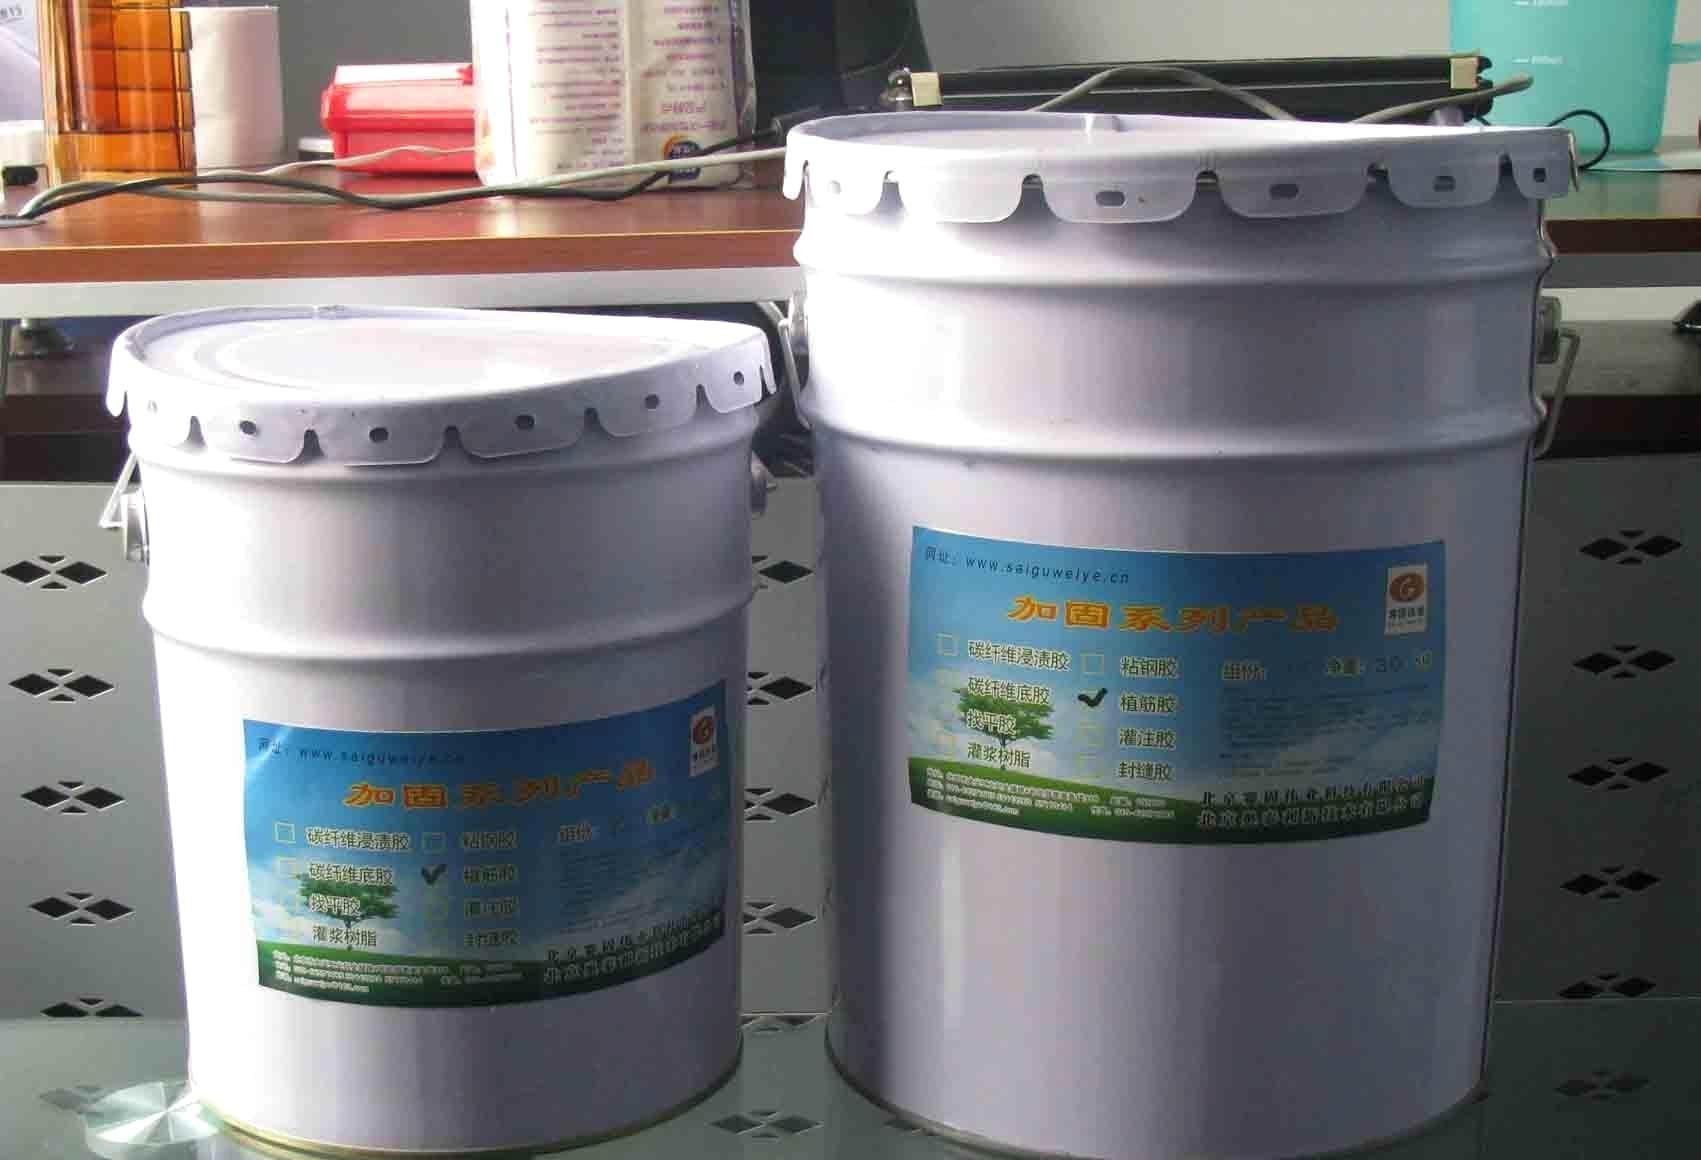 优质环氧树脂植筋胶价格厂家热卖植筋胶厂家哪家质量好环氧注射式植筋胶热线